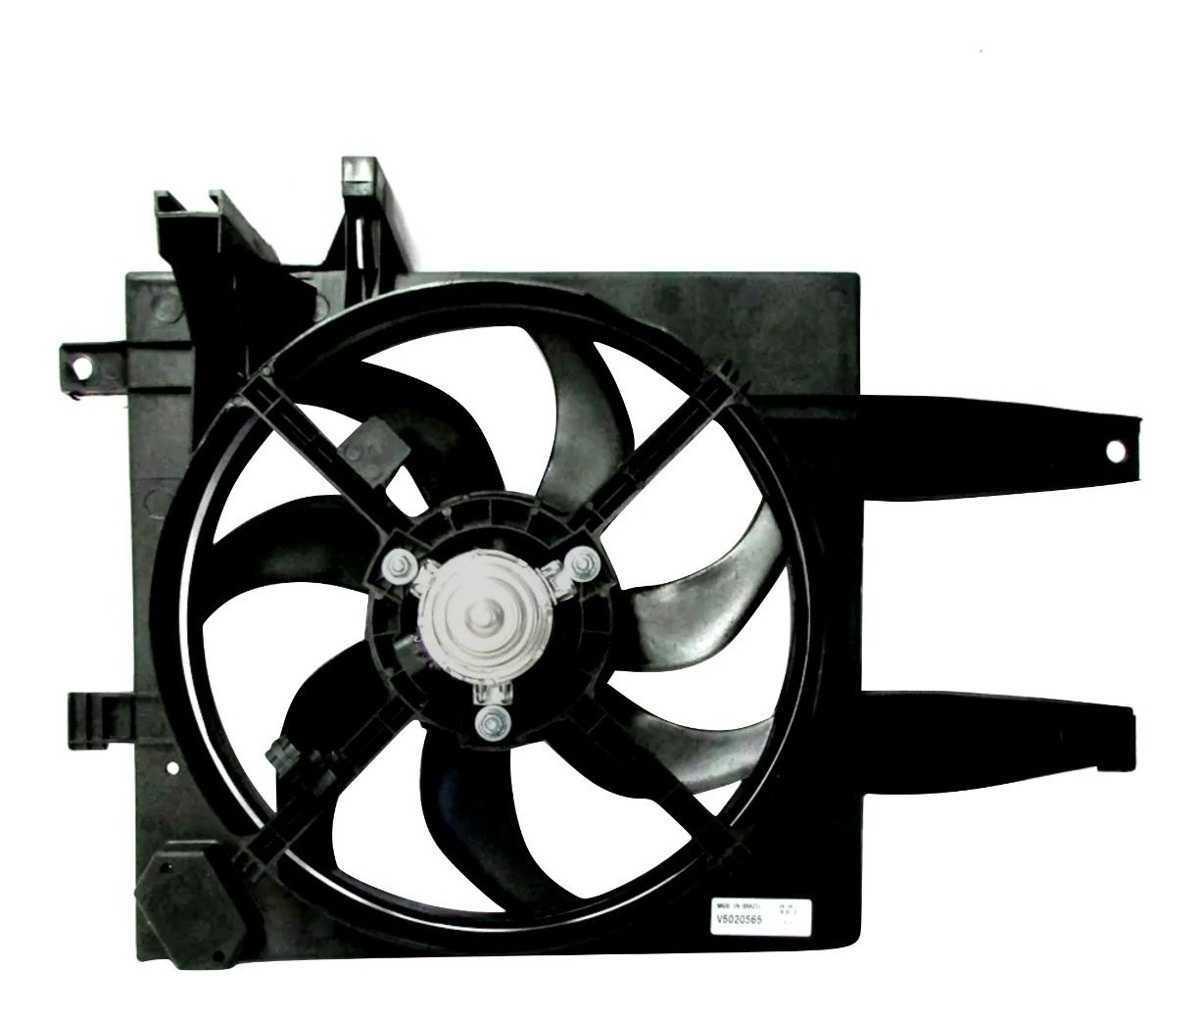 Eletroventilador - Palio 01/Idea 1.4 06 S/Ar Gmv Sist. Behr Palio 01>/Idea 1.4 06> S/Ar Gmv Sist. Behr Pe Curto